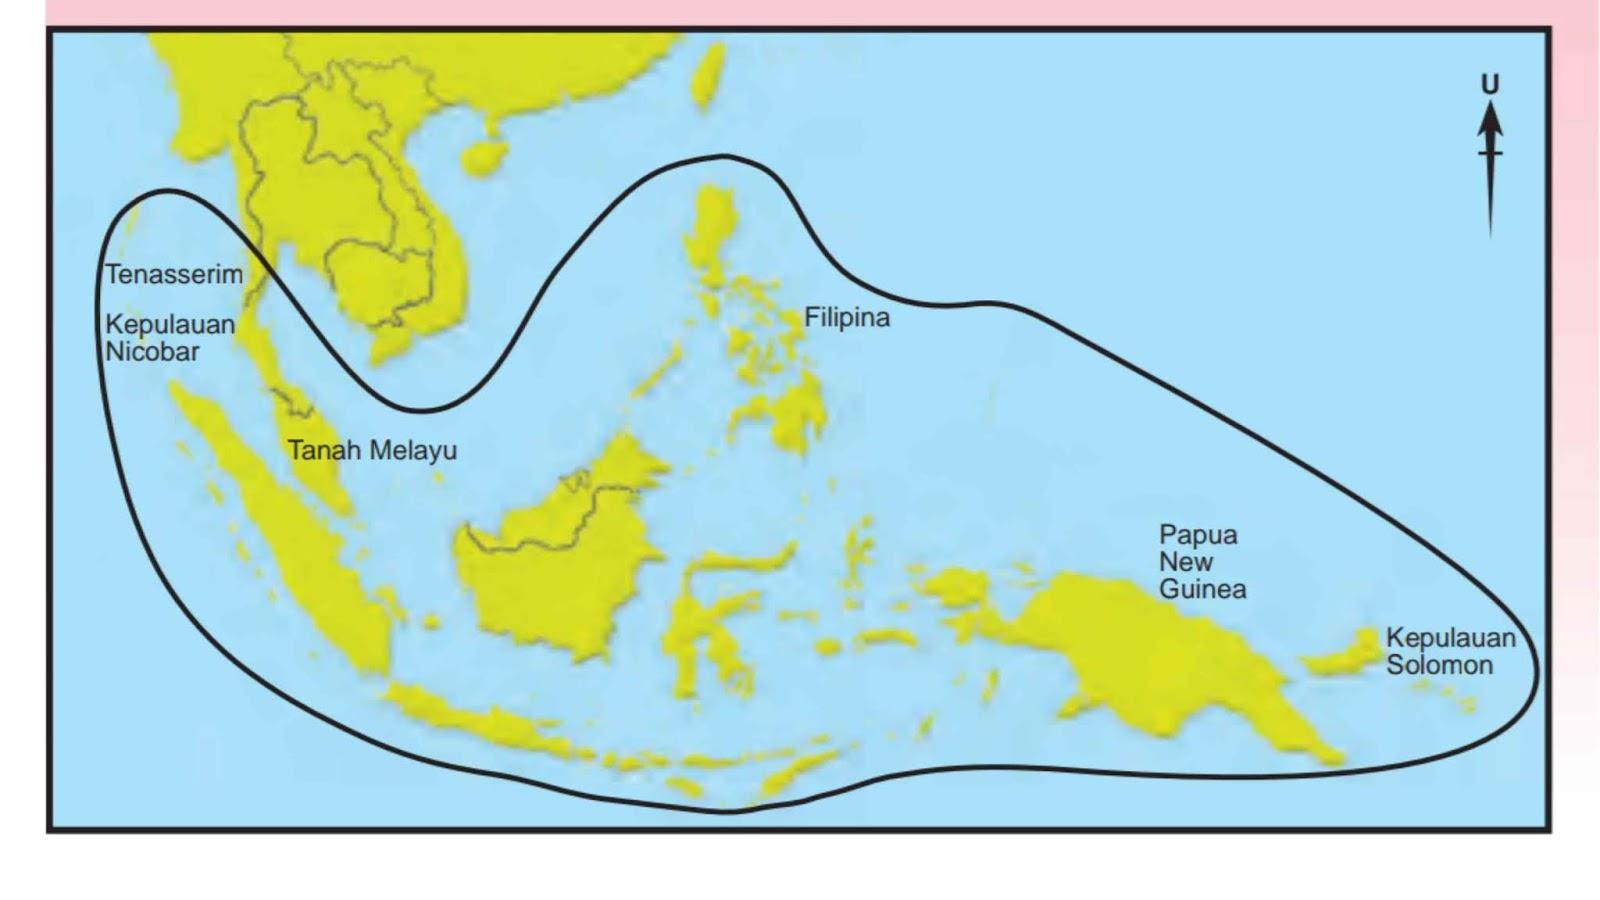 Kerajaan Alam Melayu: Konsep dan Kewujudannya